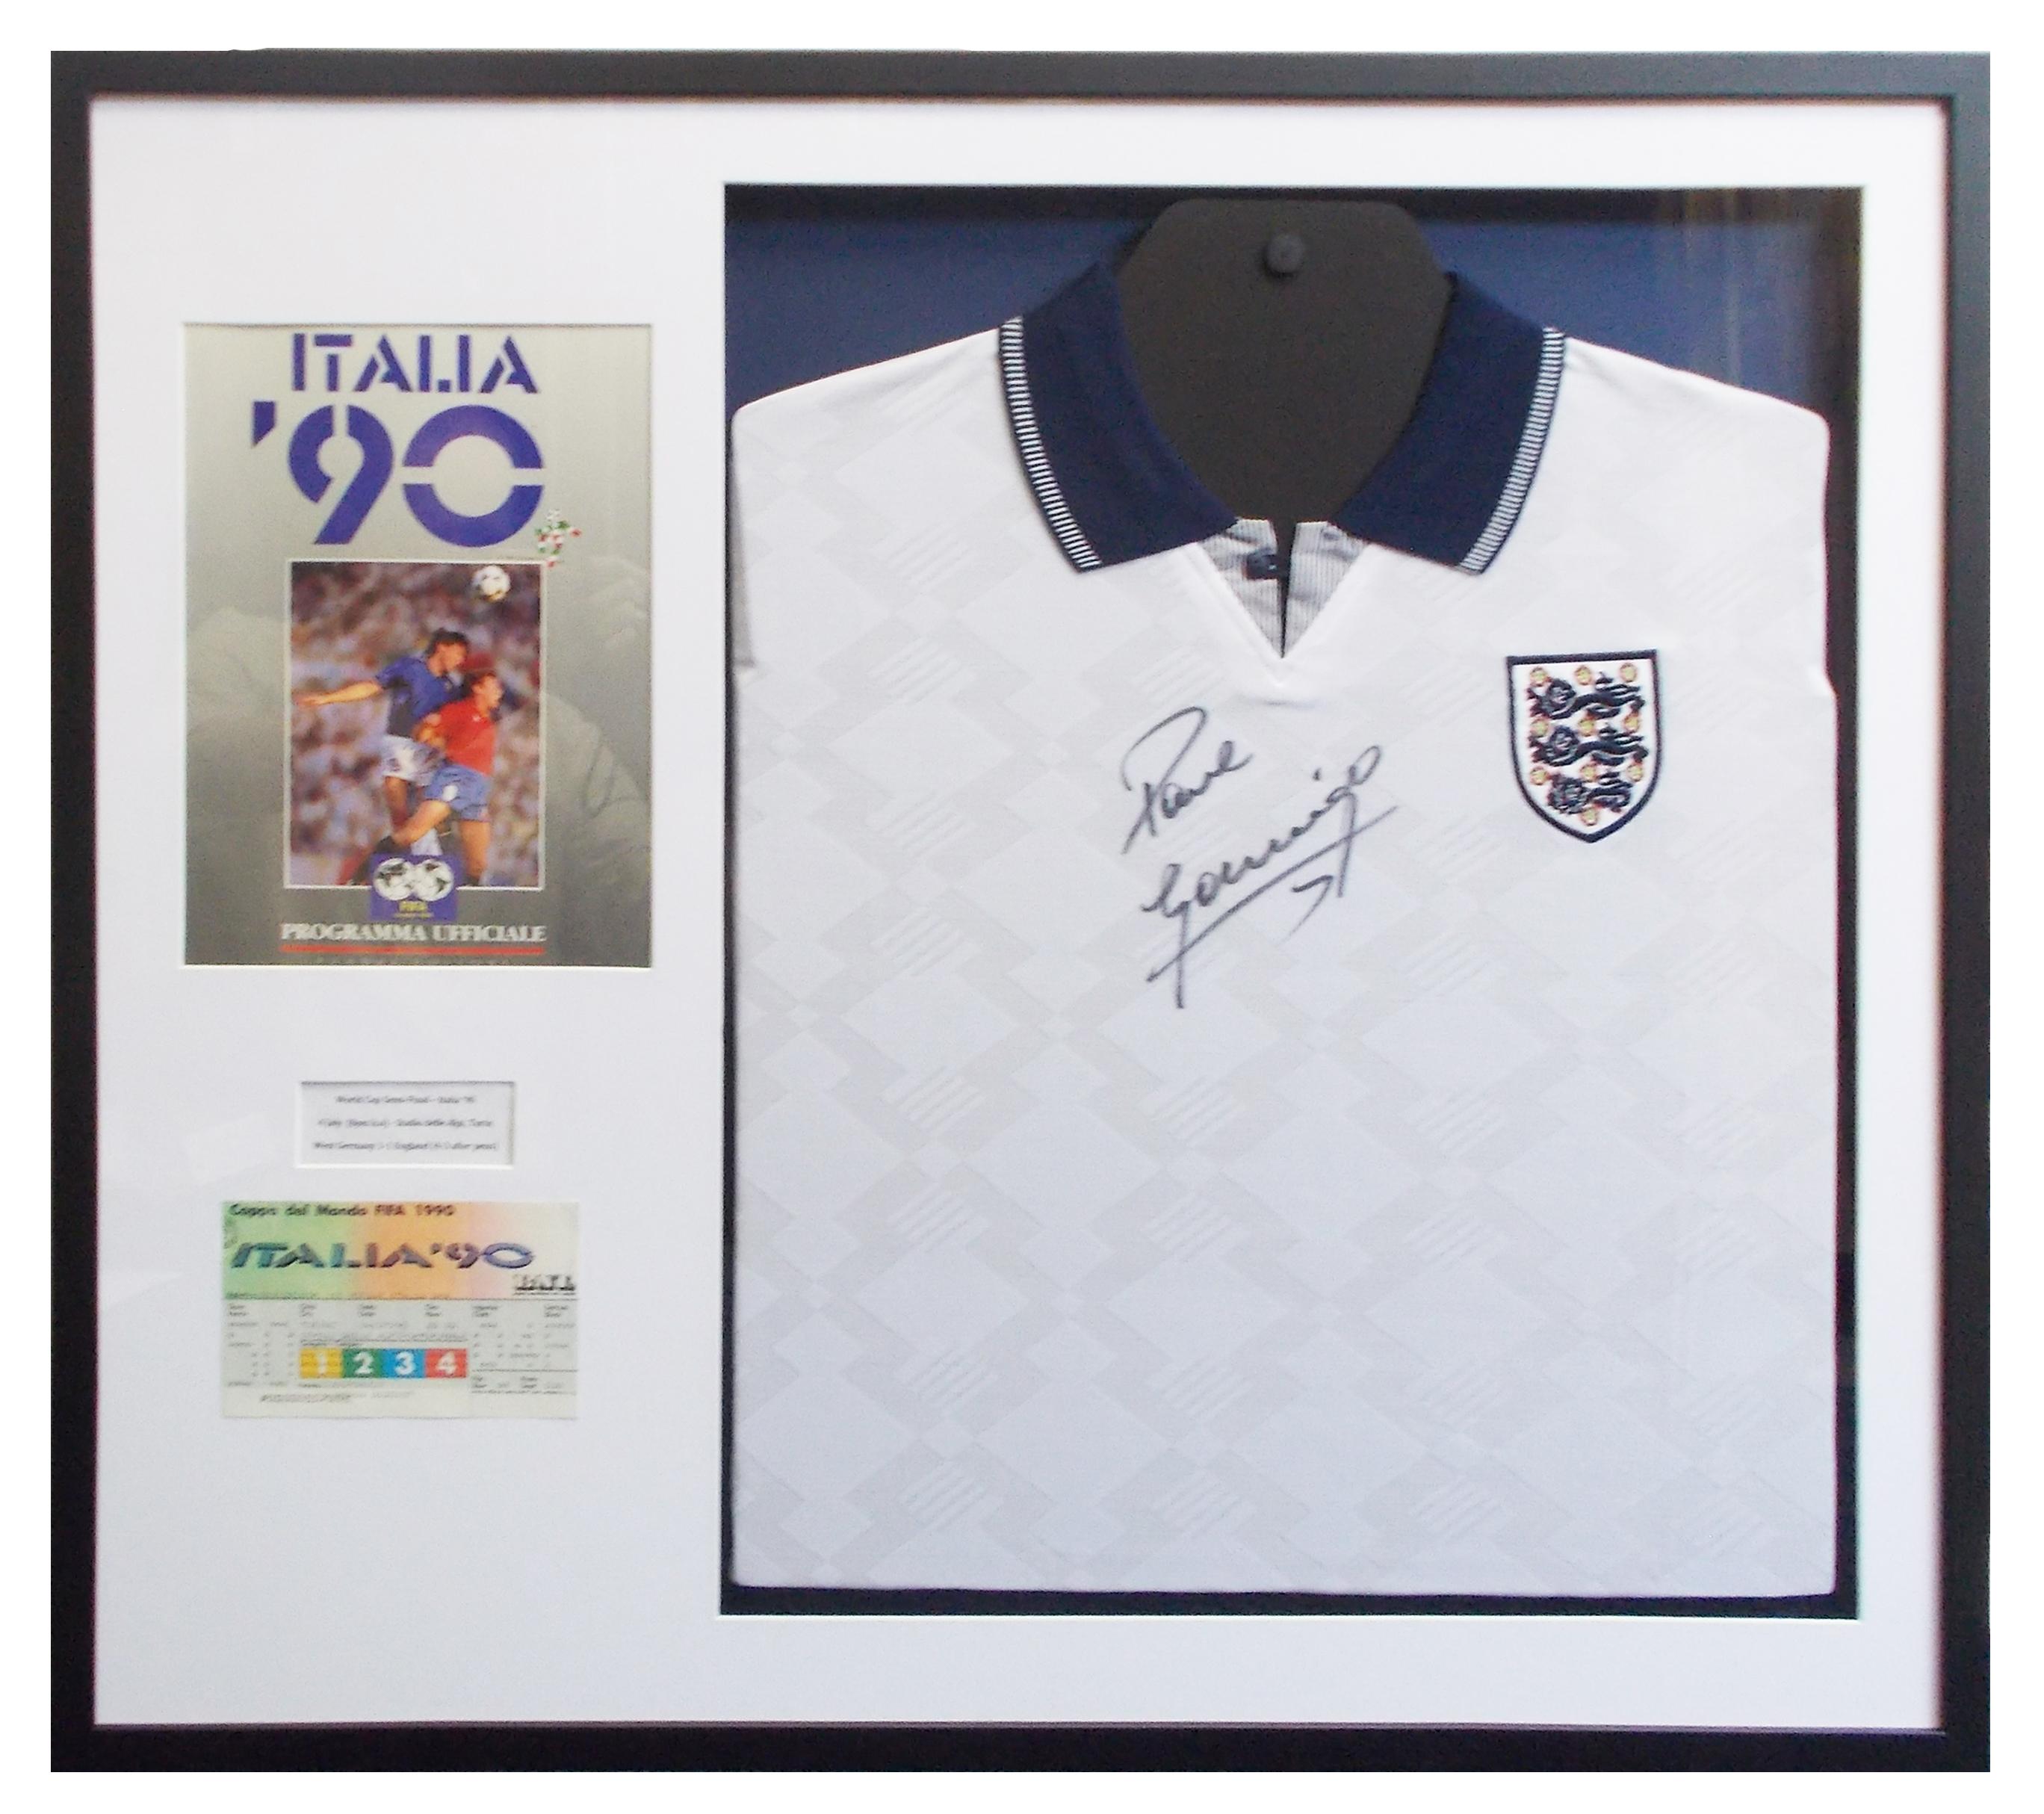 FIFA Italia 90